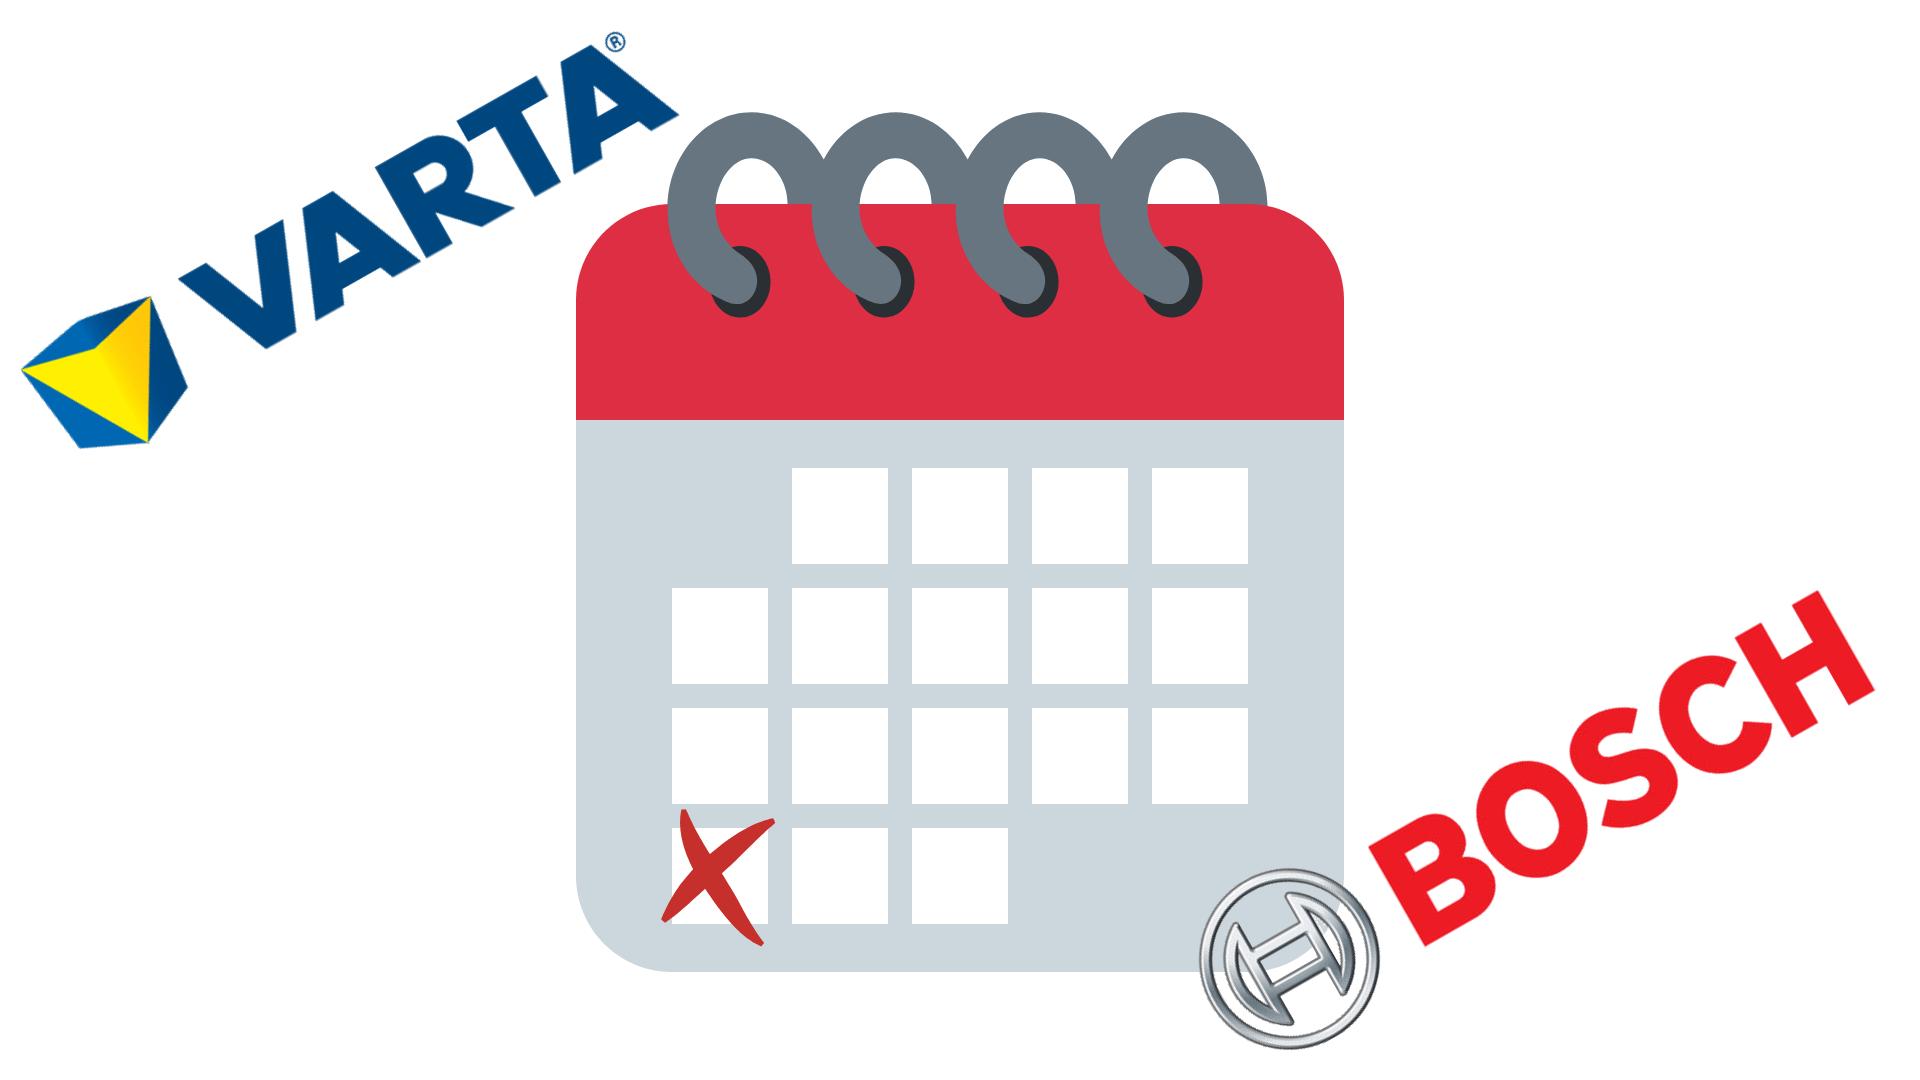 Tabulka pro zjištění data výroby autobaterie Varta-Bosch